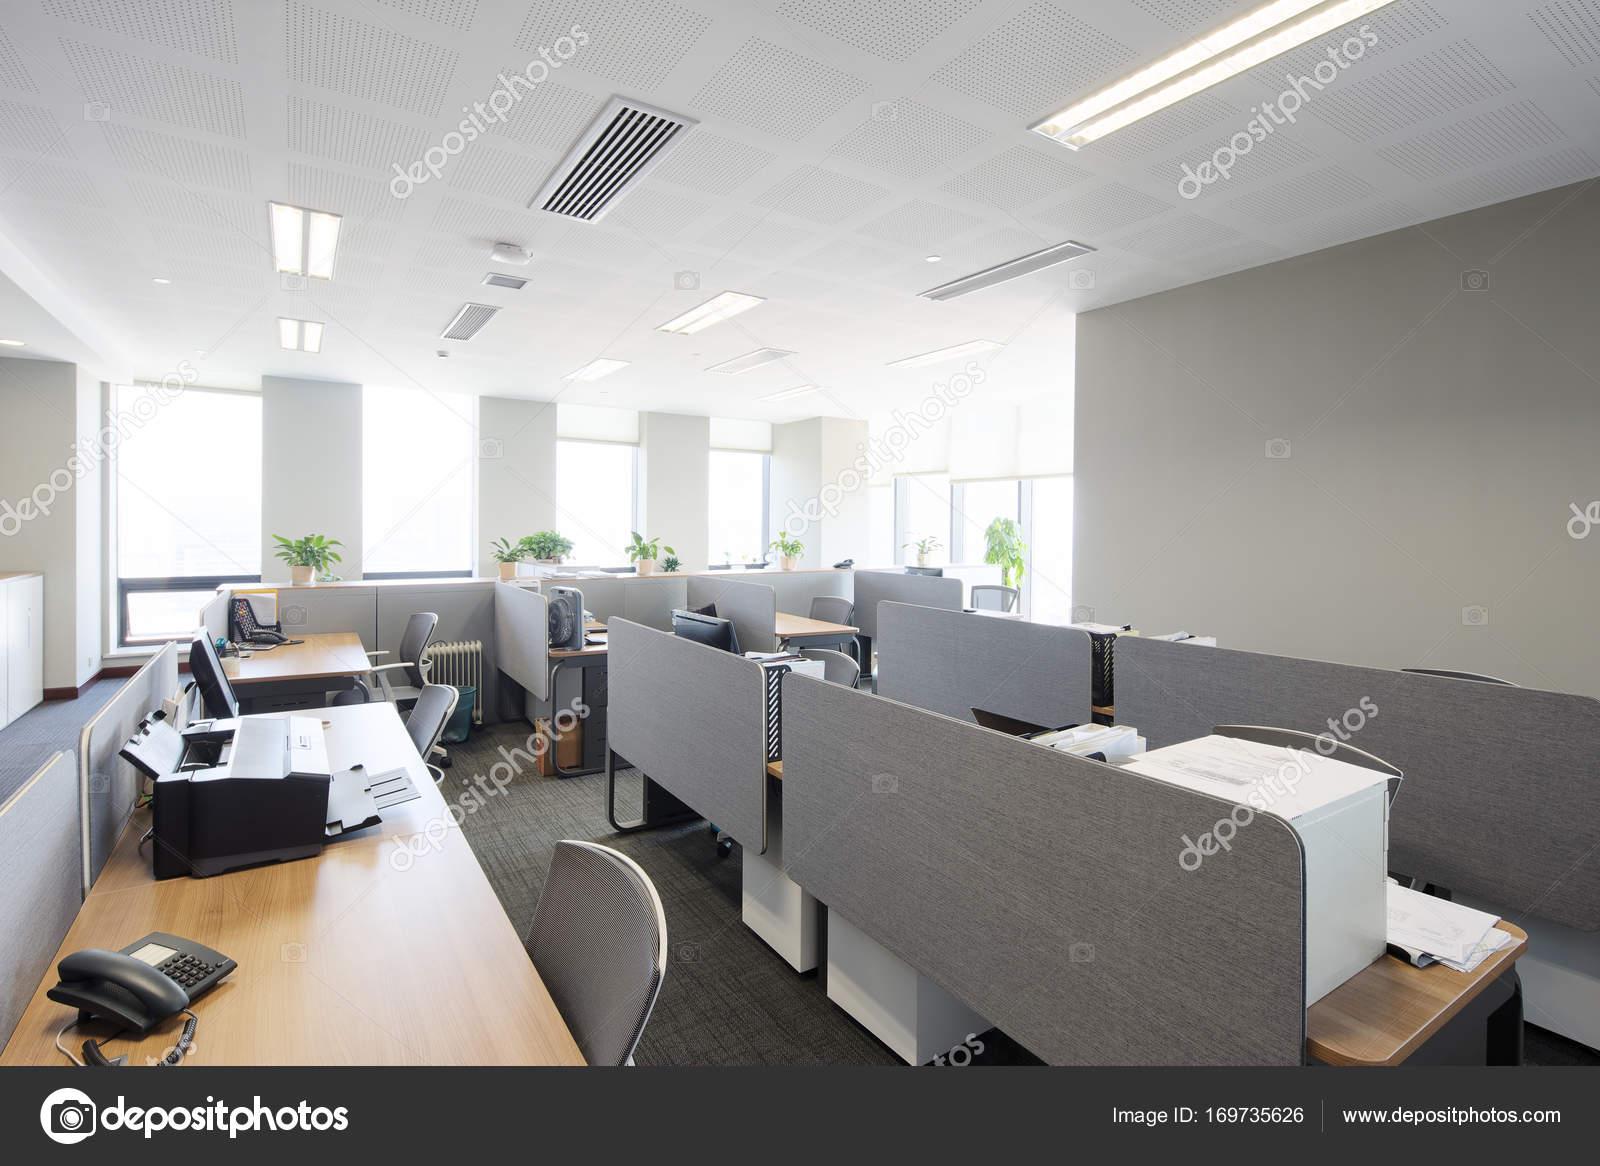 moderne Büro-Interieur — Stockfoto © zhudifeng #169735626